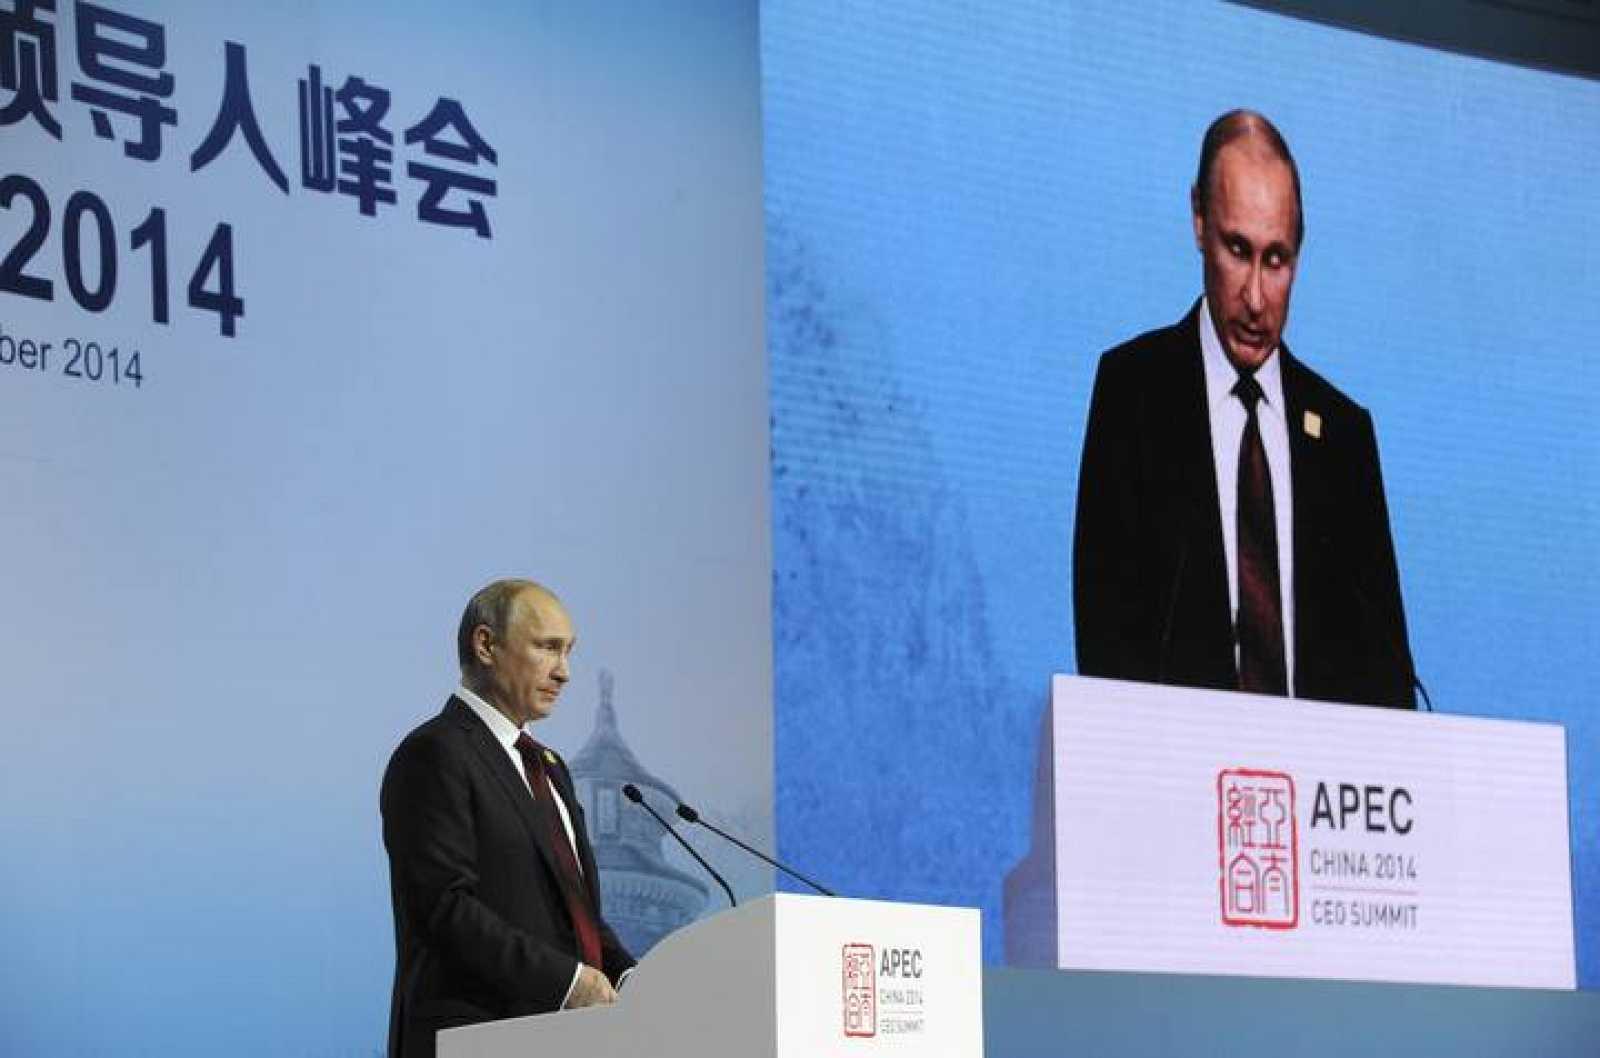 El presidente ruso, Vladimir Putin, durante su intervención en la cumbre de la APEC